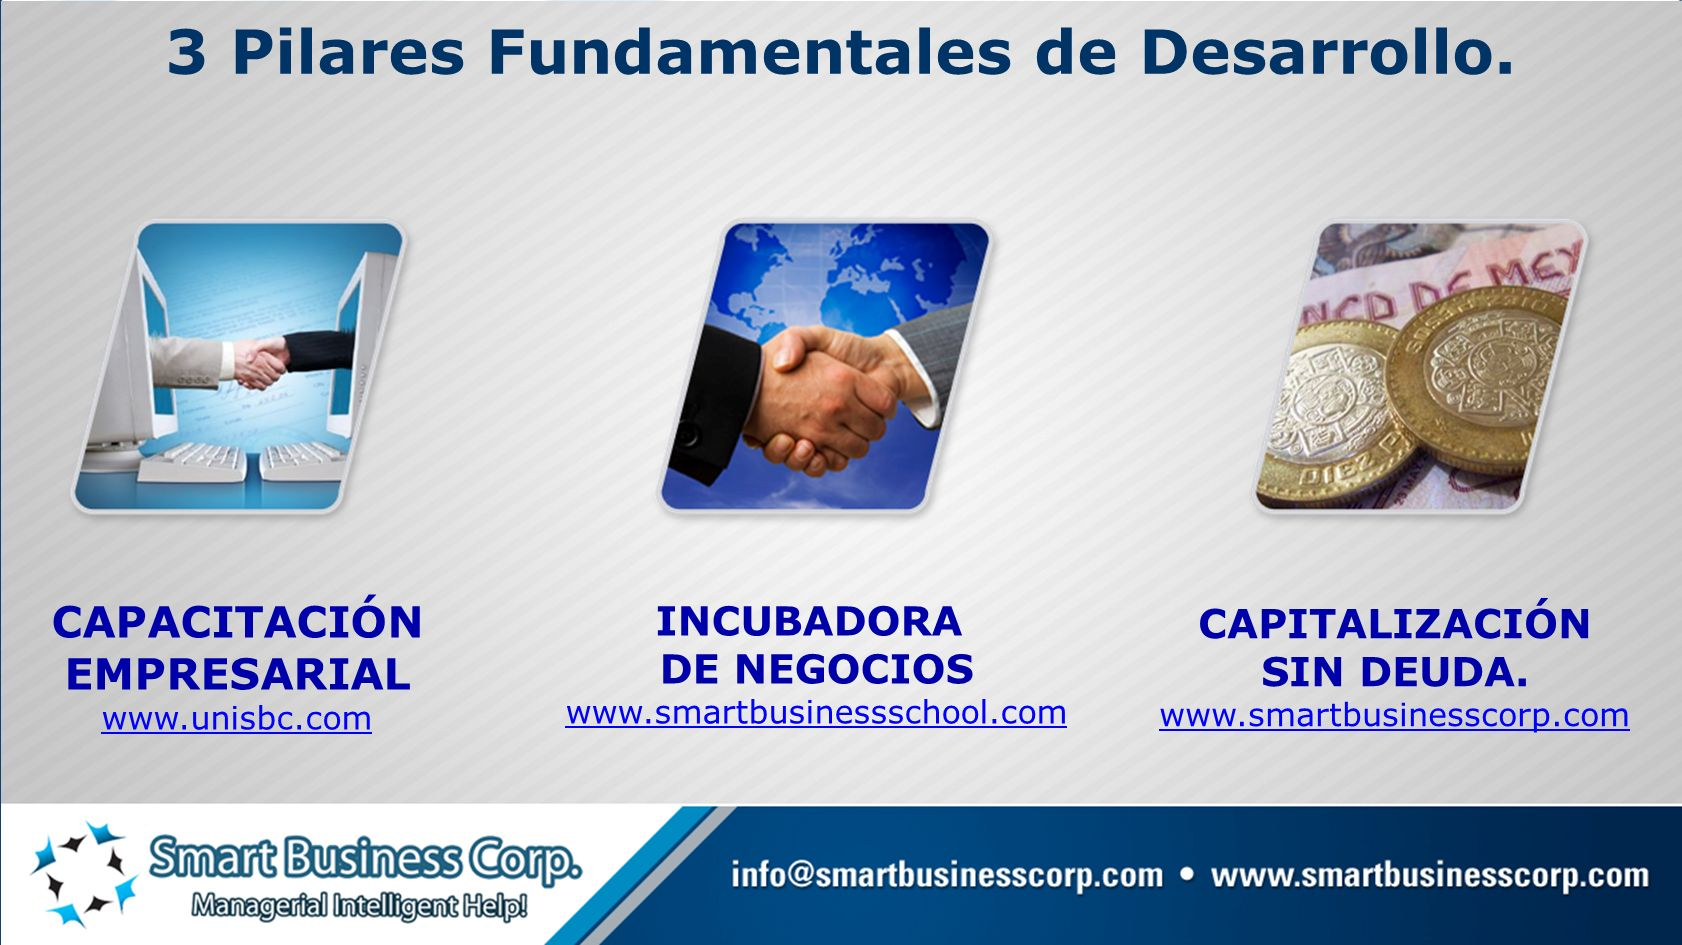 3 Pilares Fundamentales de Desarrollo.